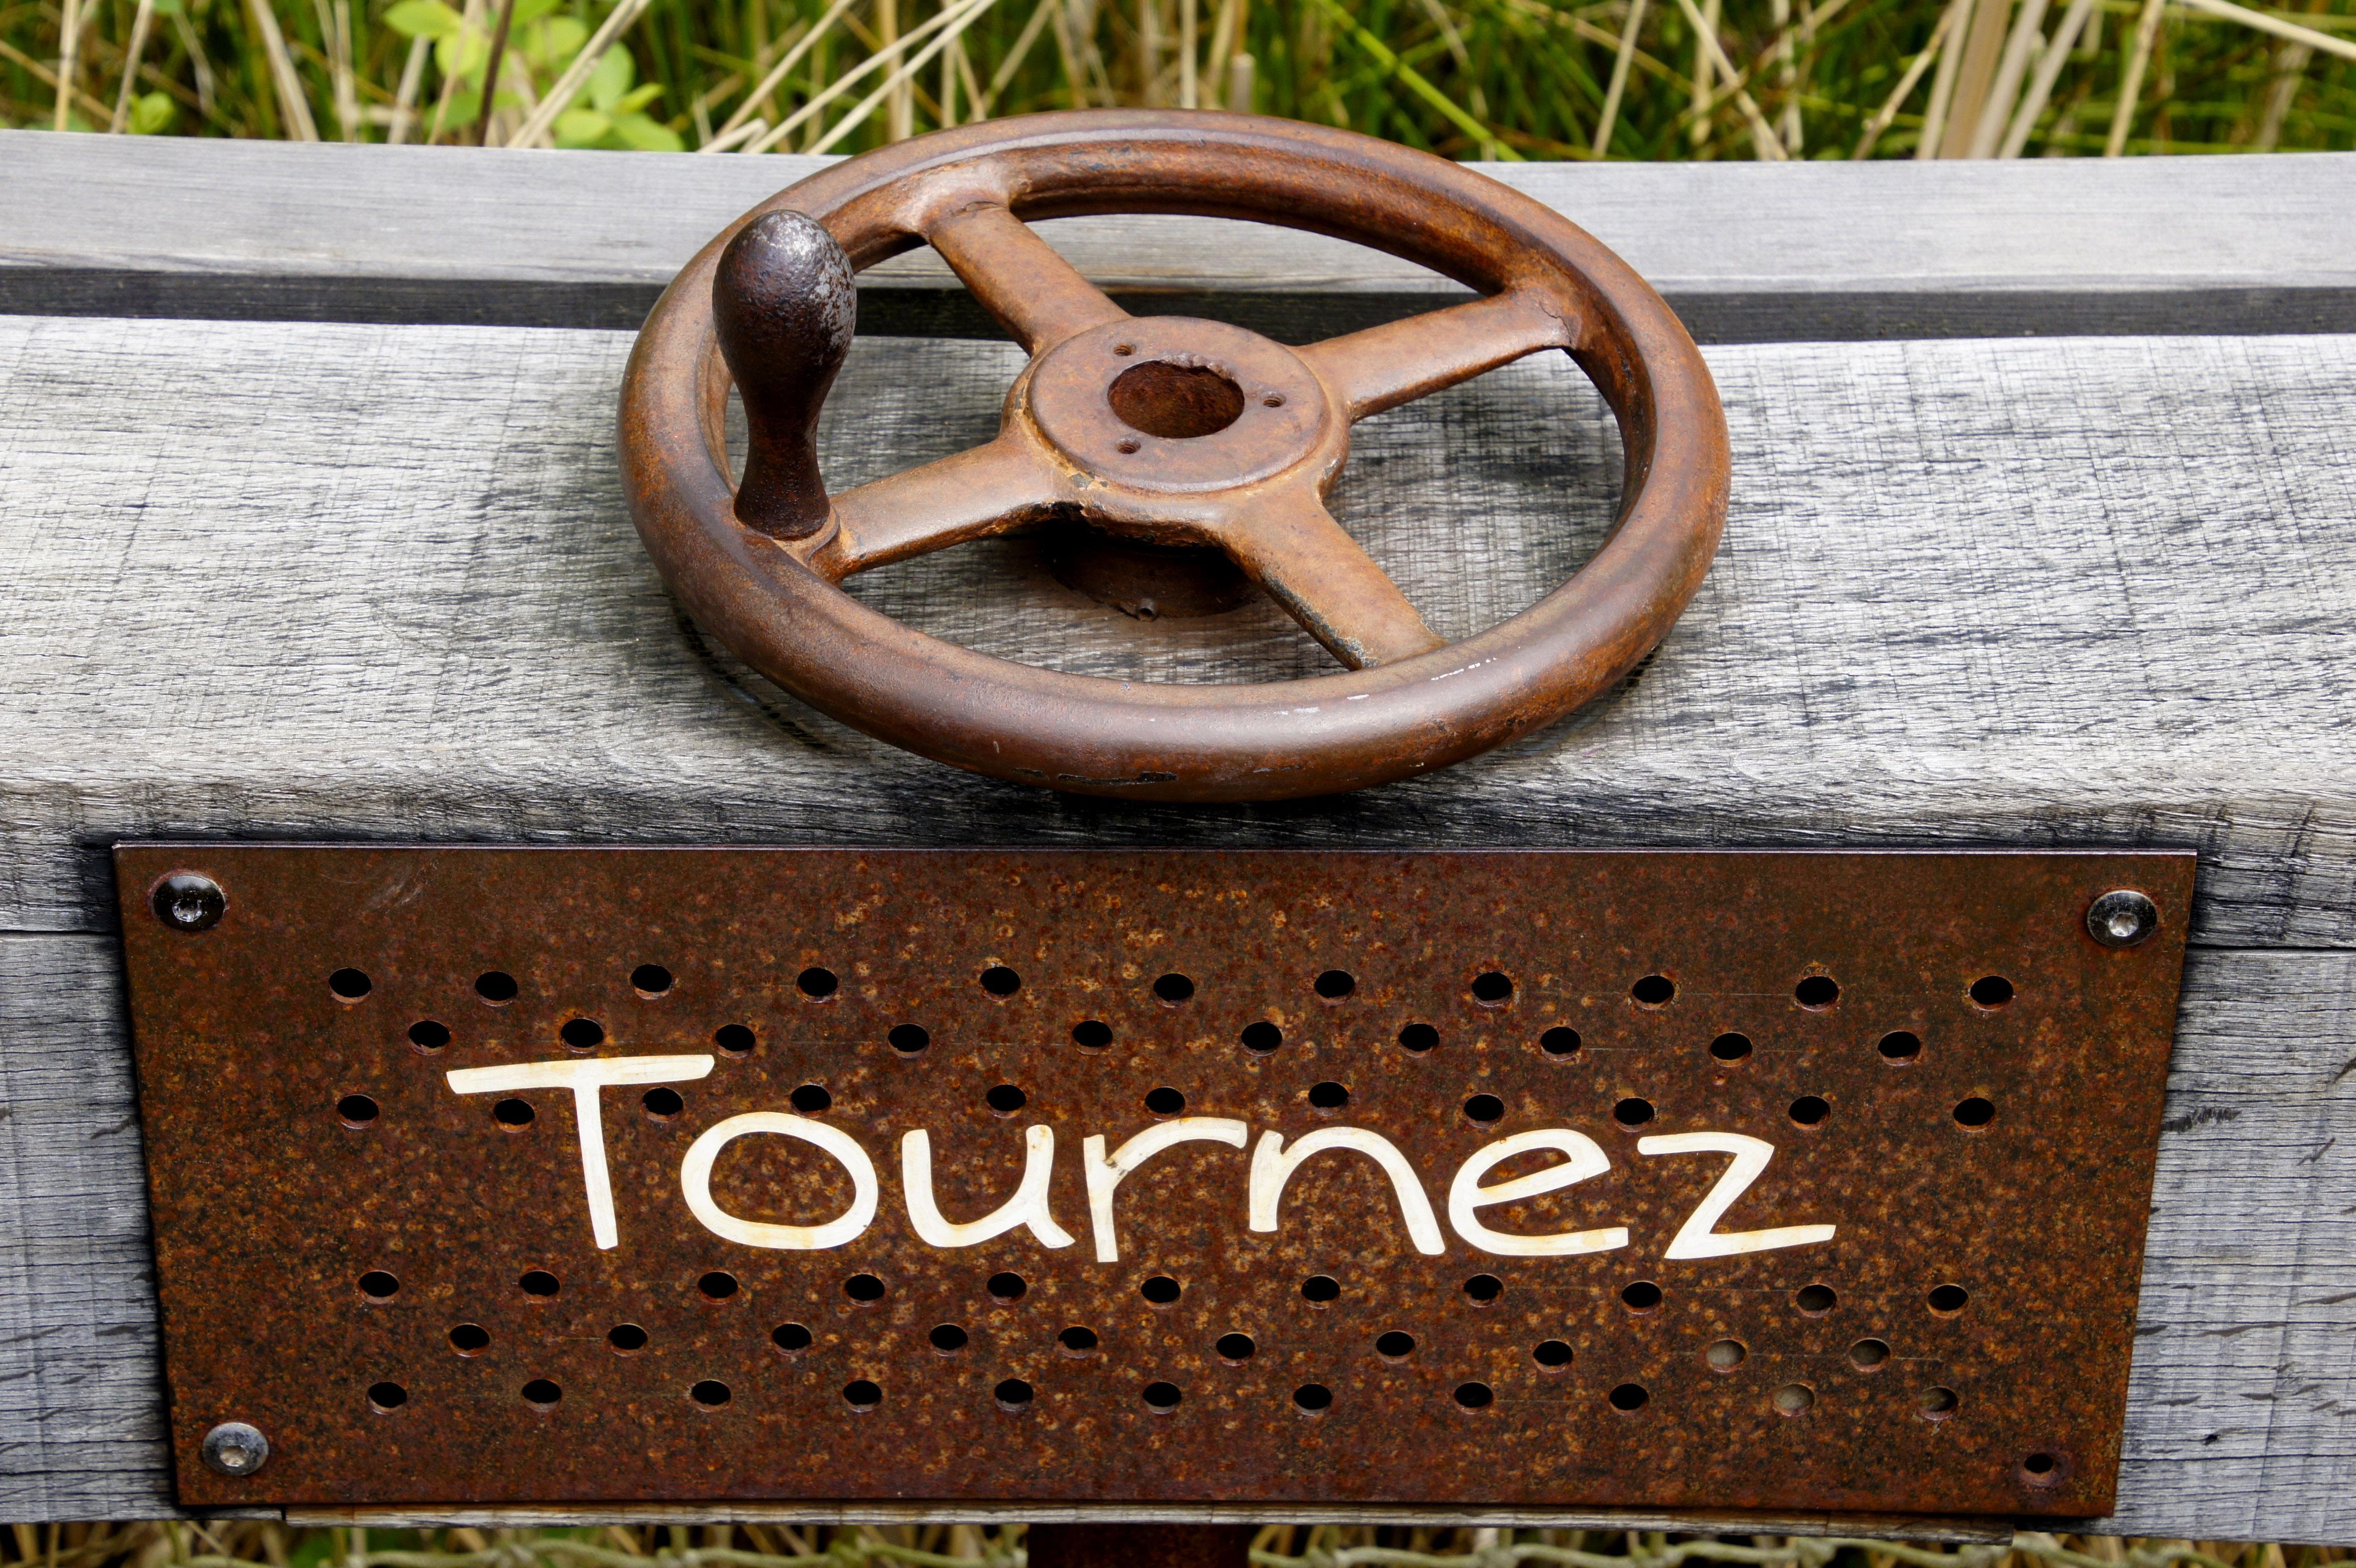 Tour A Bois Accessoires avec images gratuites : eau, structure, bois, nombre, france, action